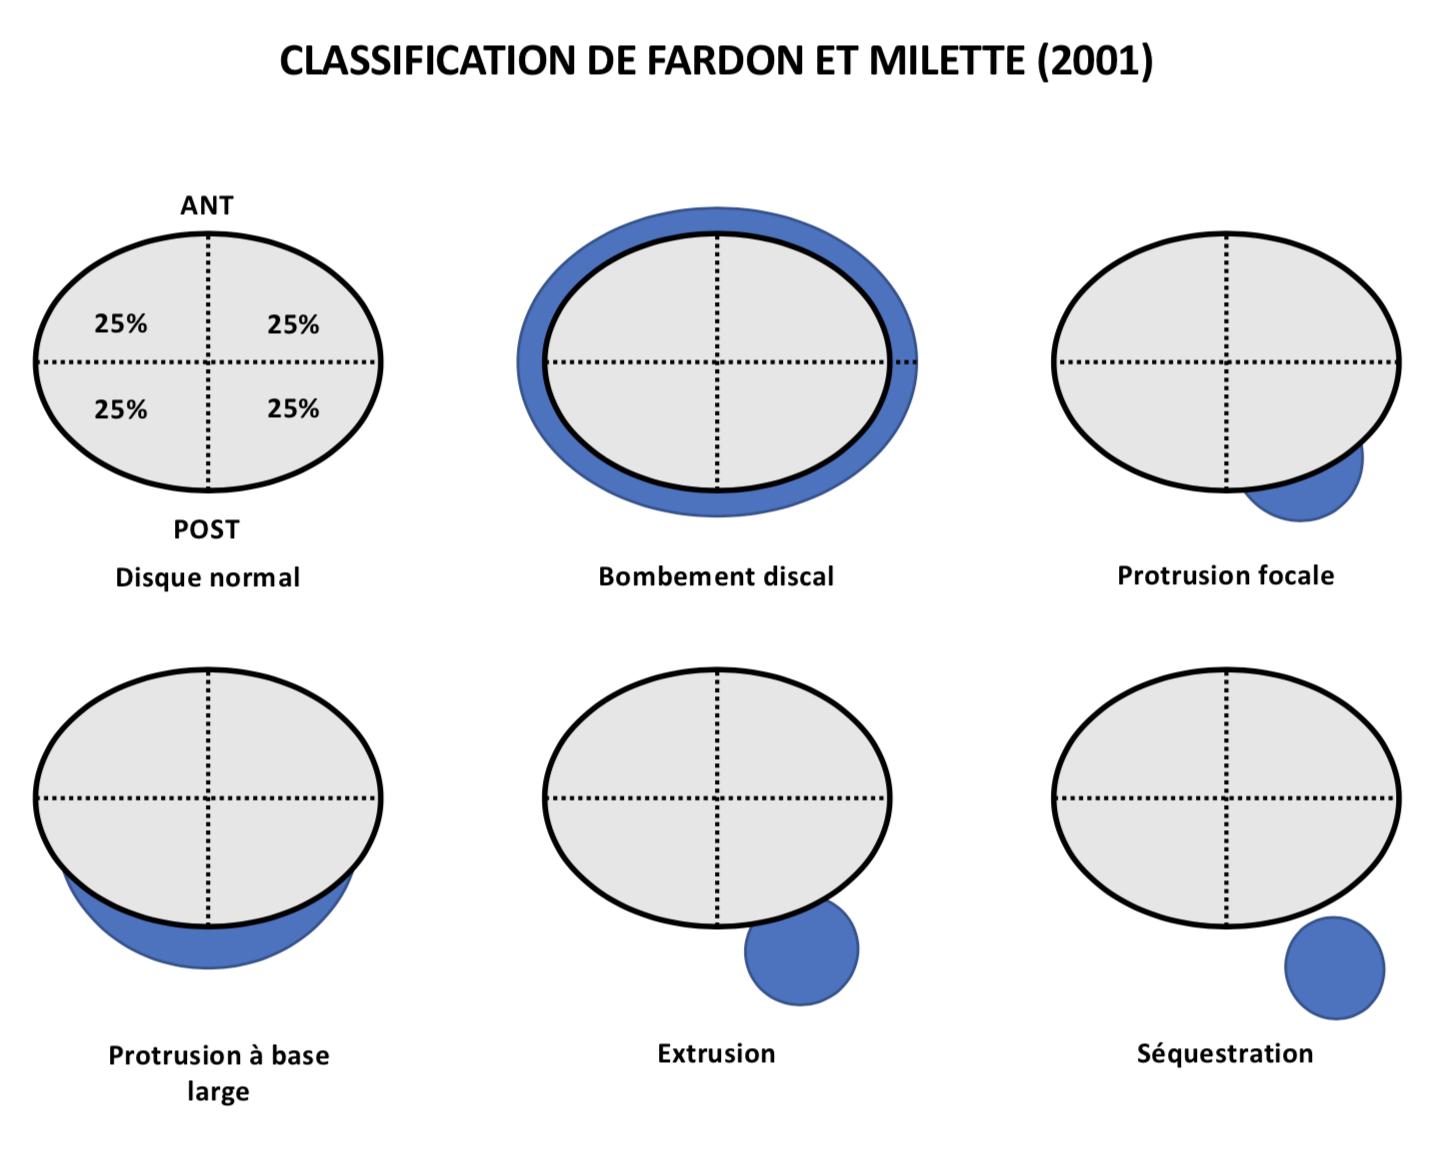 Fardon & Milette disc morphology classification.png